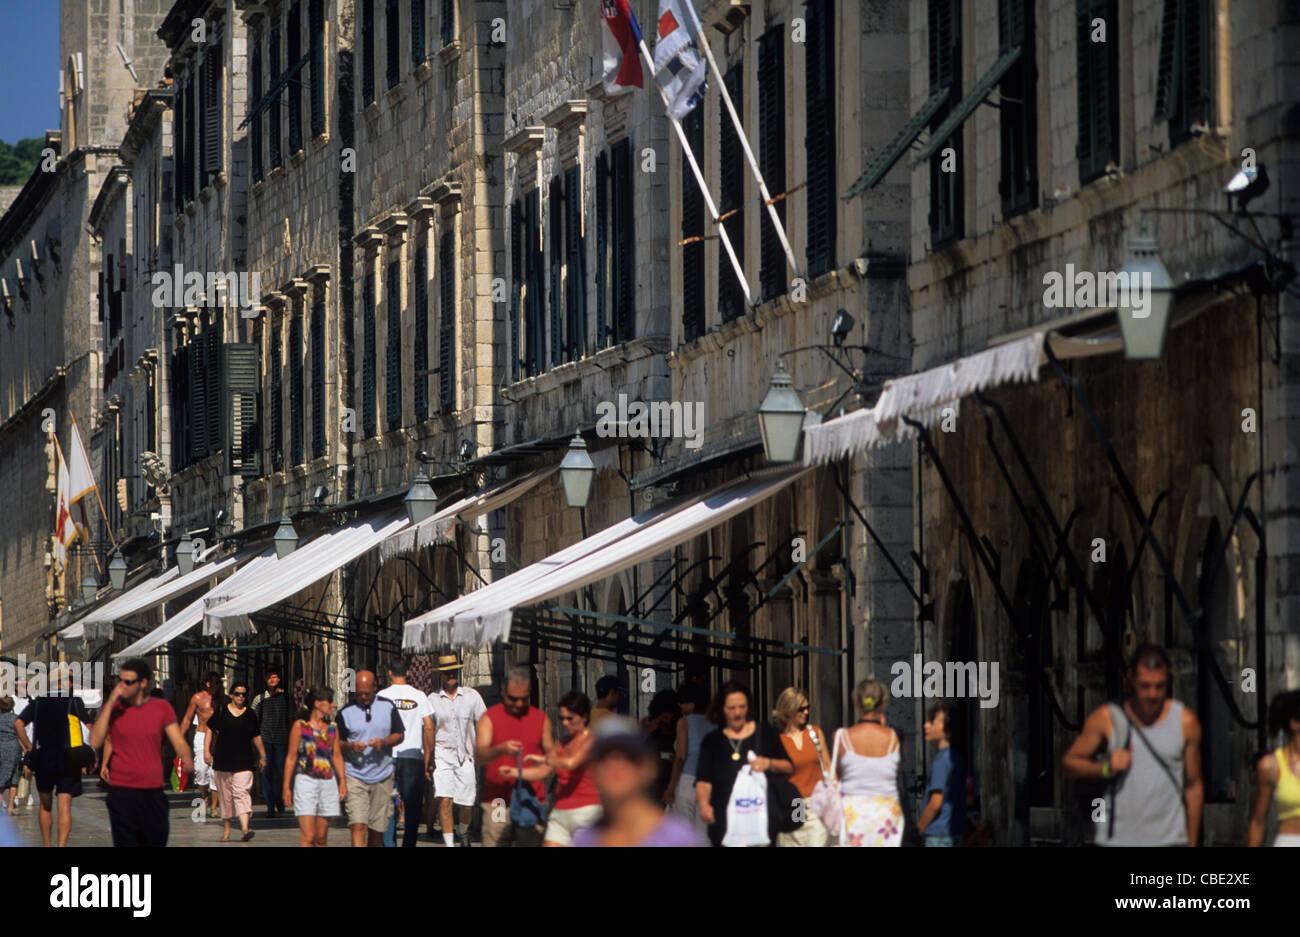 Croatia, Dalmatia, Dubrovnik, shop fronts along Placa. - Stock Image